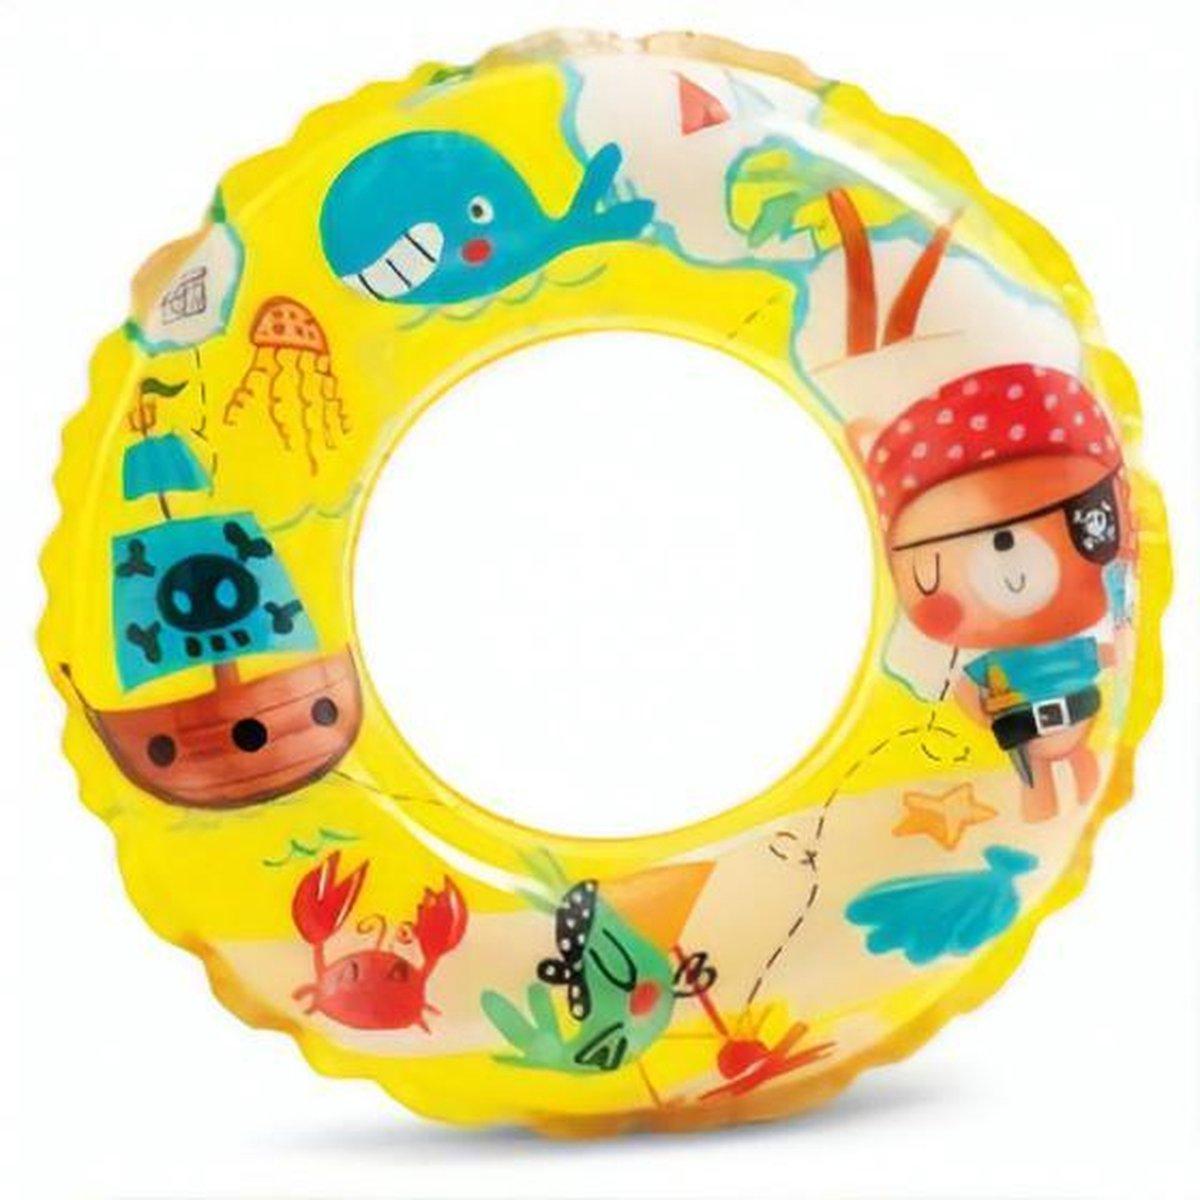 Intex Zwemband Piraat Junior 61 Cm Vinyl Geel